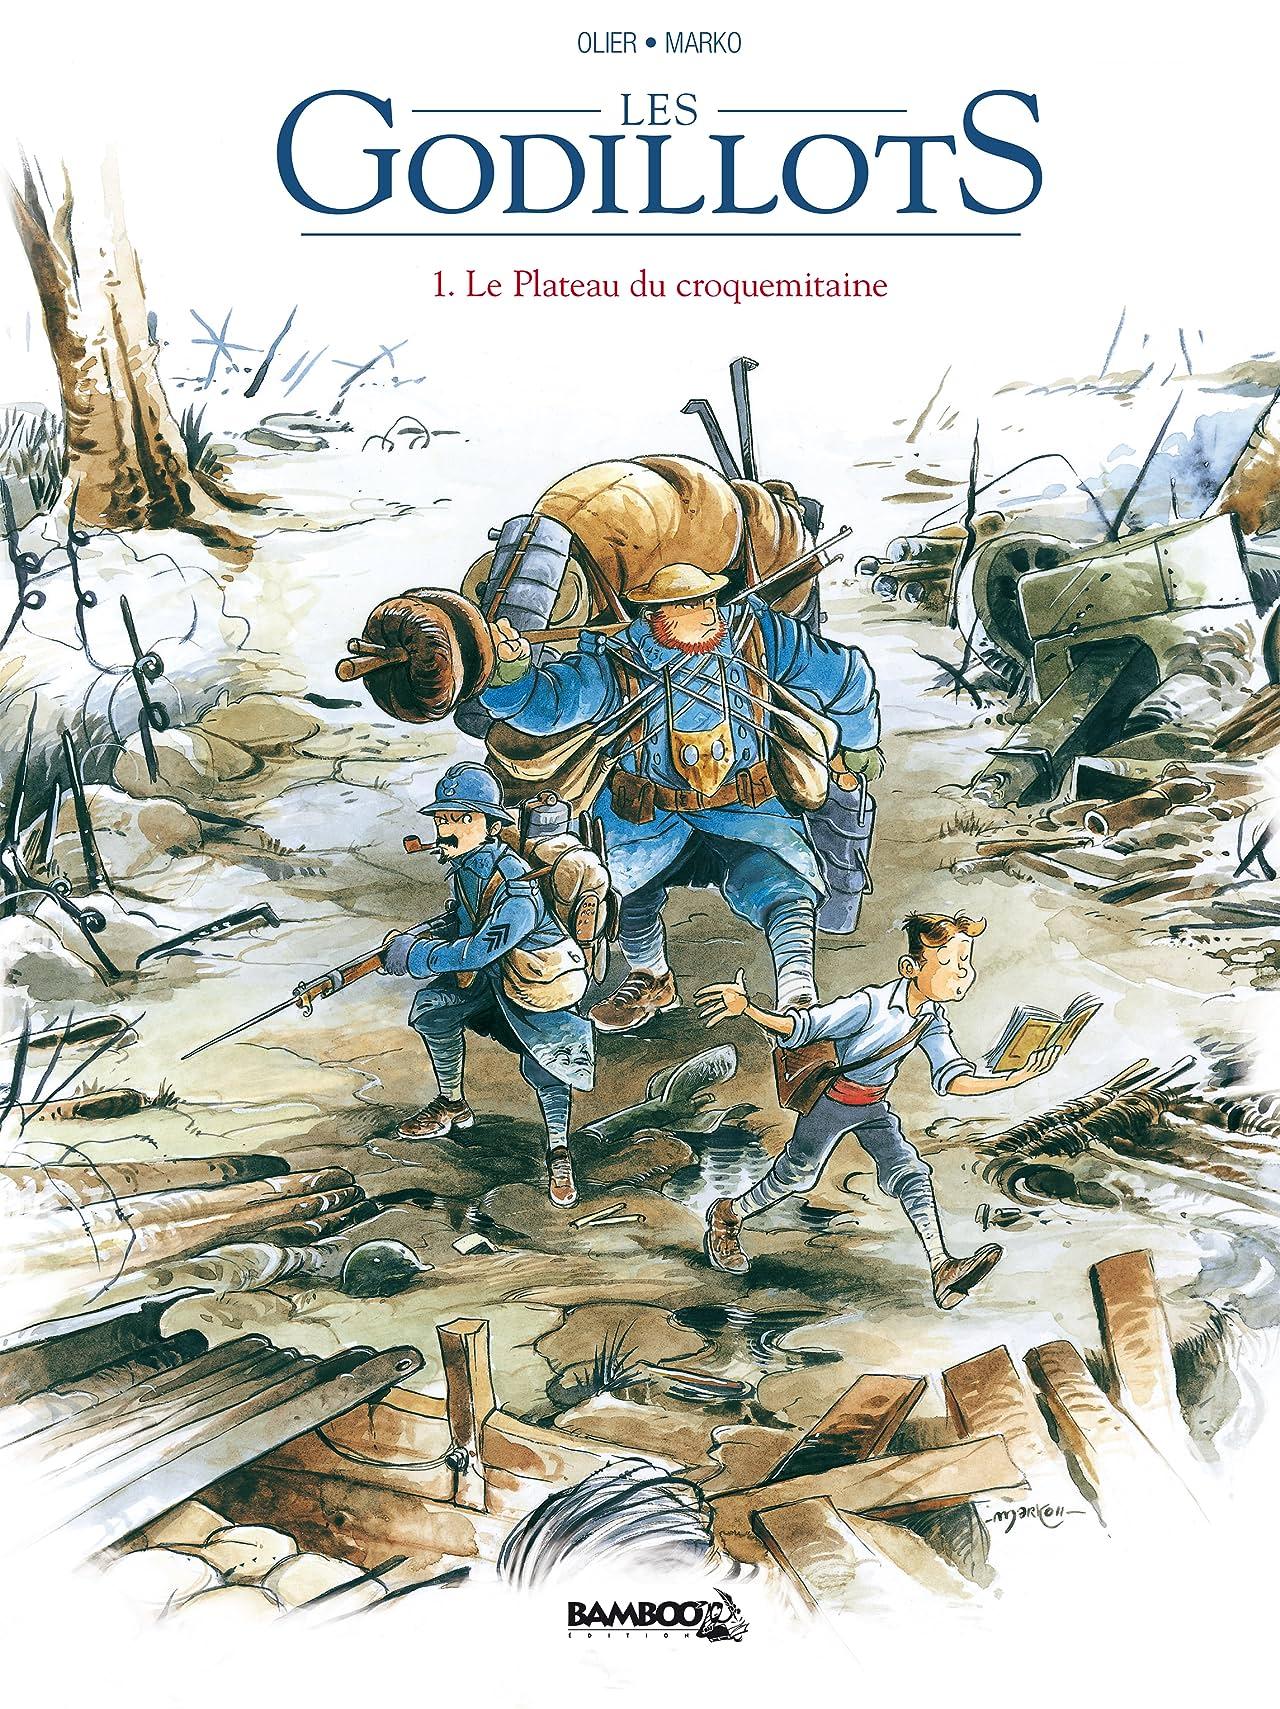 Les Godillots Vol. 1: Le plateau du croquemitaine